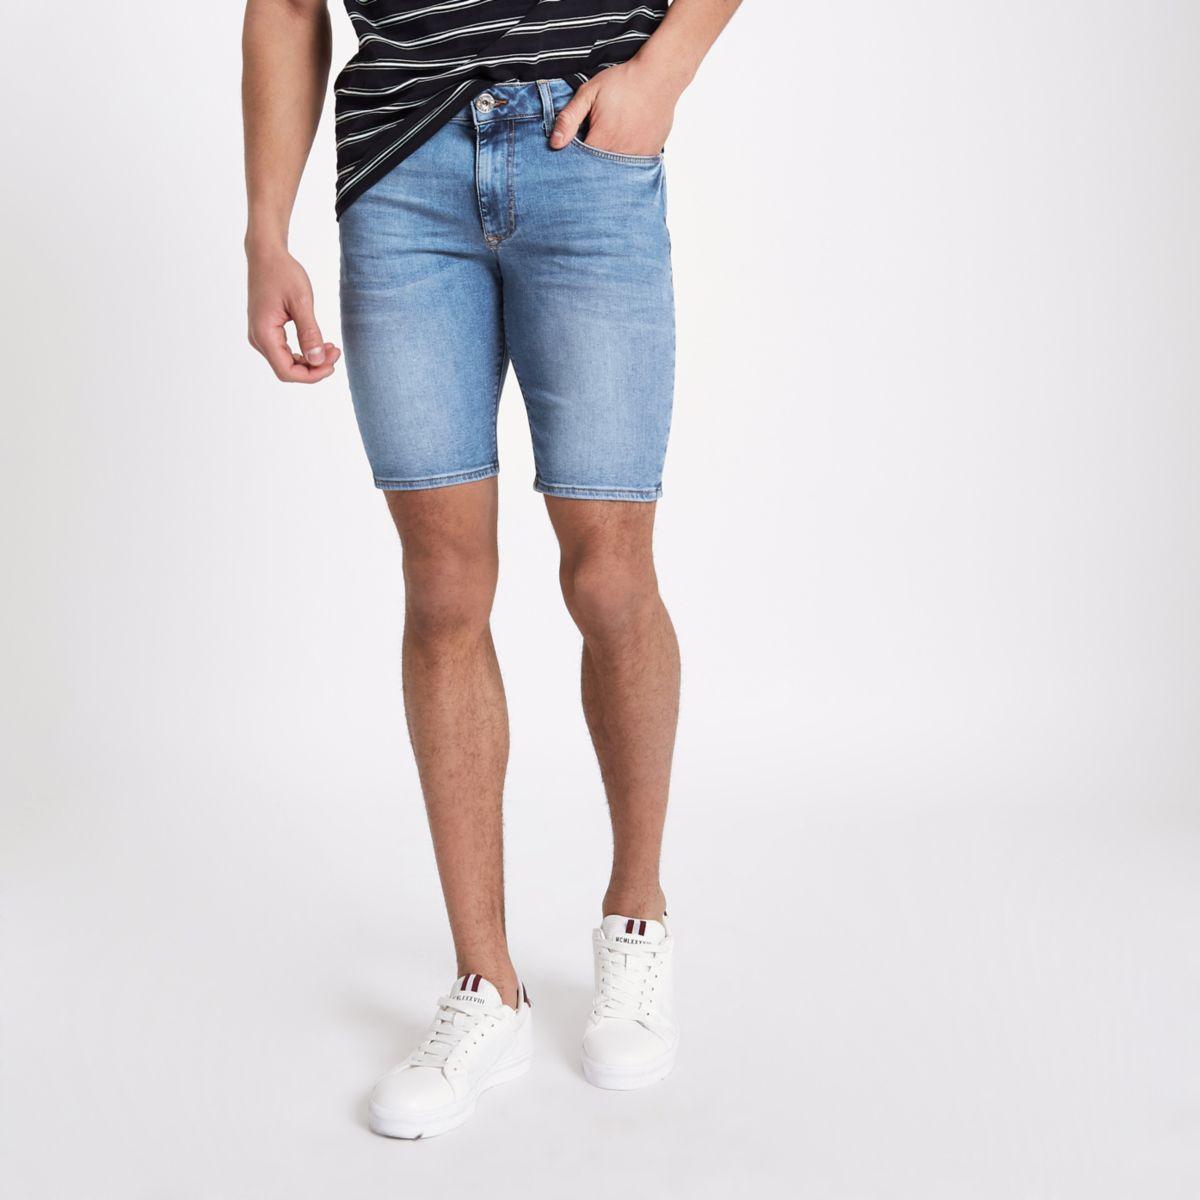 Light blue spray on skinny denim shorts